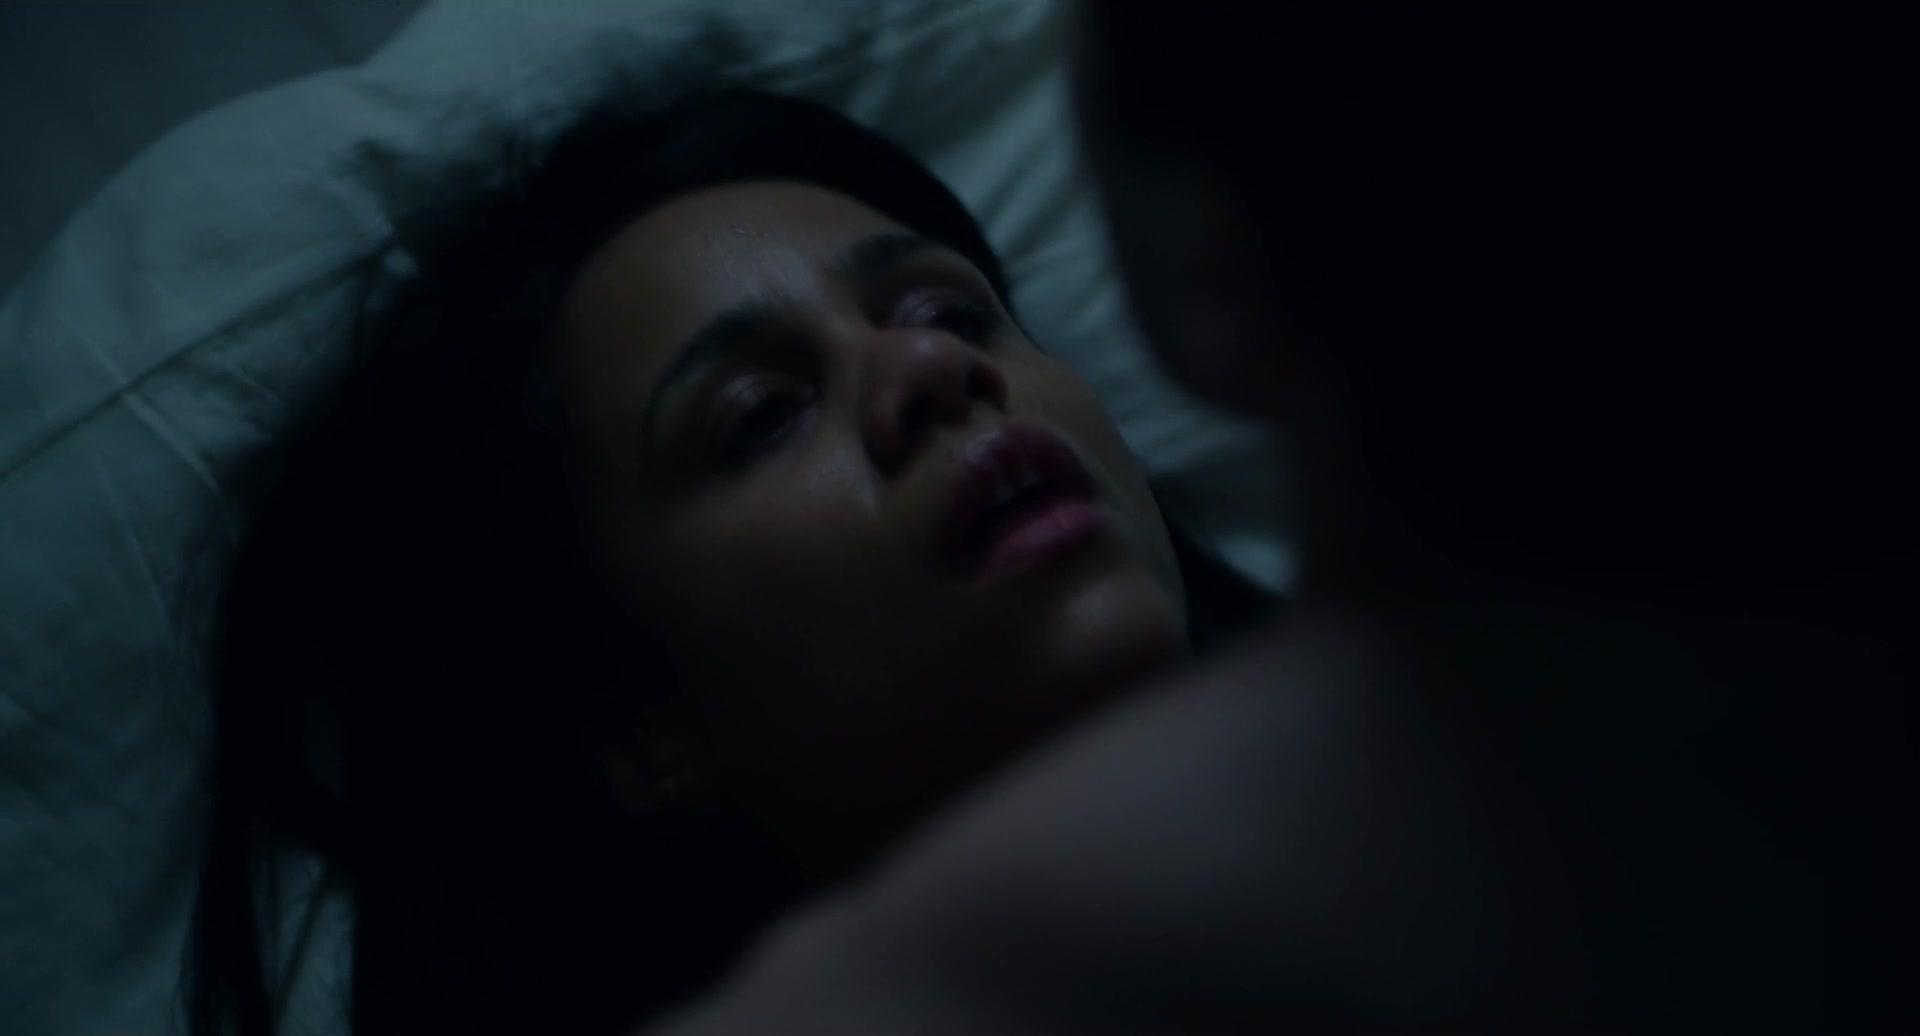 Zawe Ashton Rene Russo Nude Velvet Buzzsaw 2019 Nude Celebs Tube